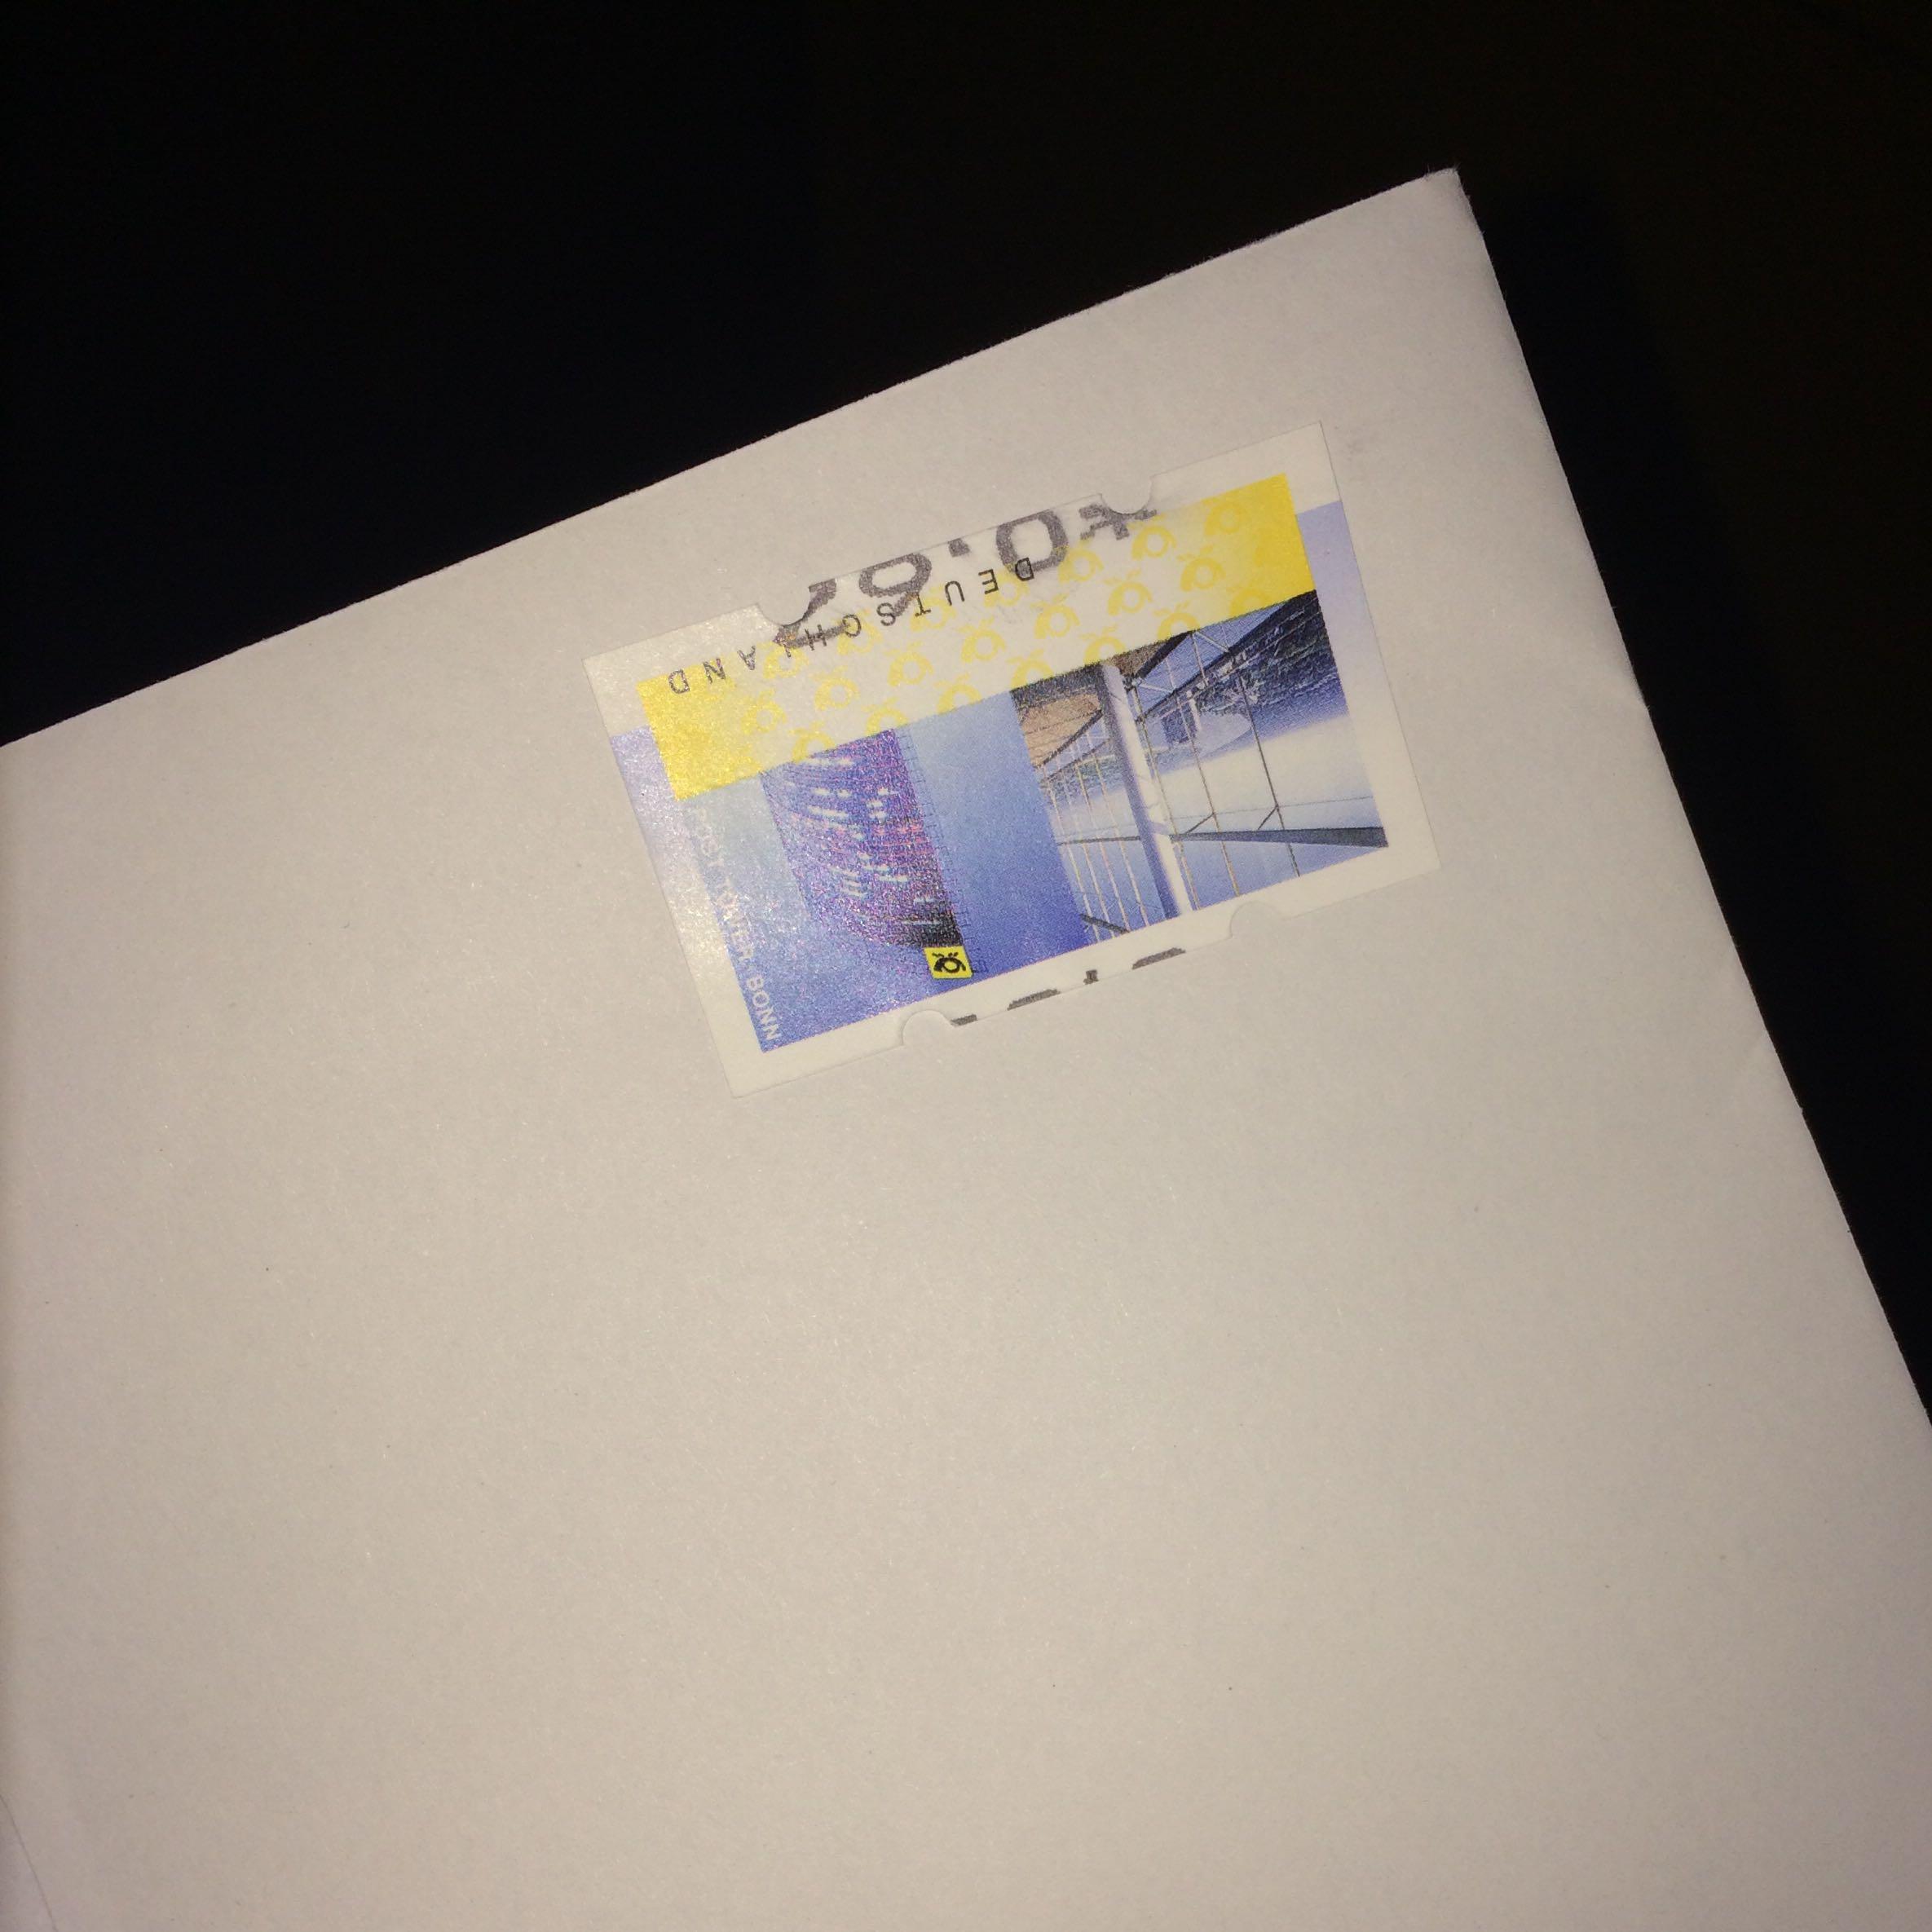 Ist die briefmarke richtig aufgeklebt? (Post, Briefmarken)